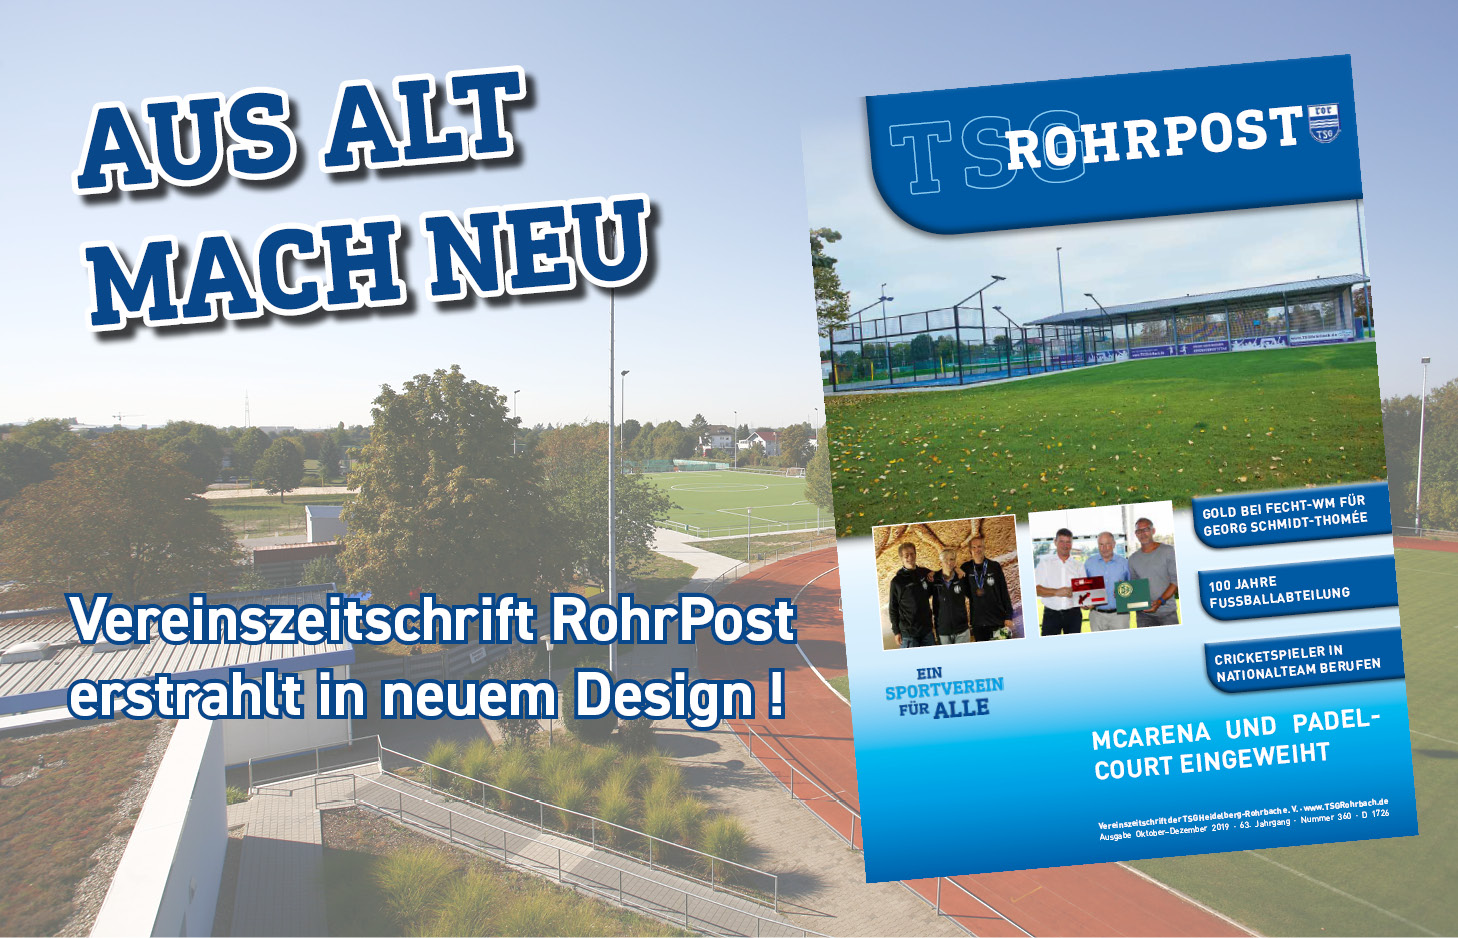 Neue RohrPost – Neues Design!